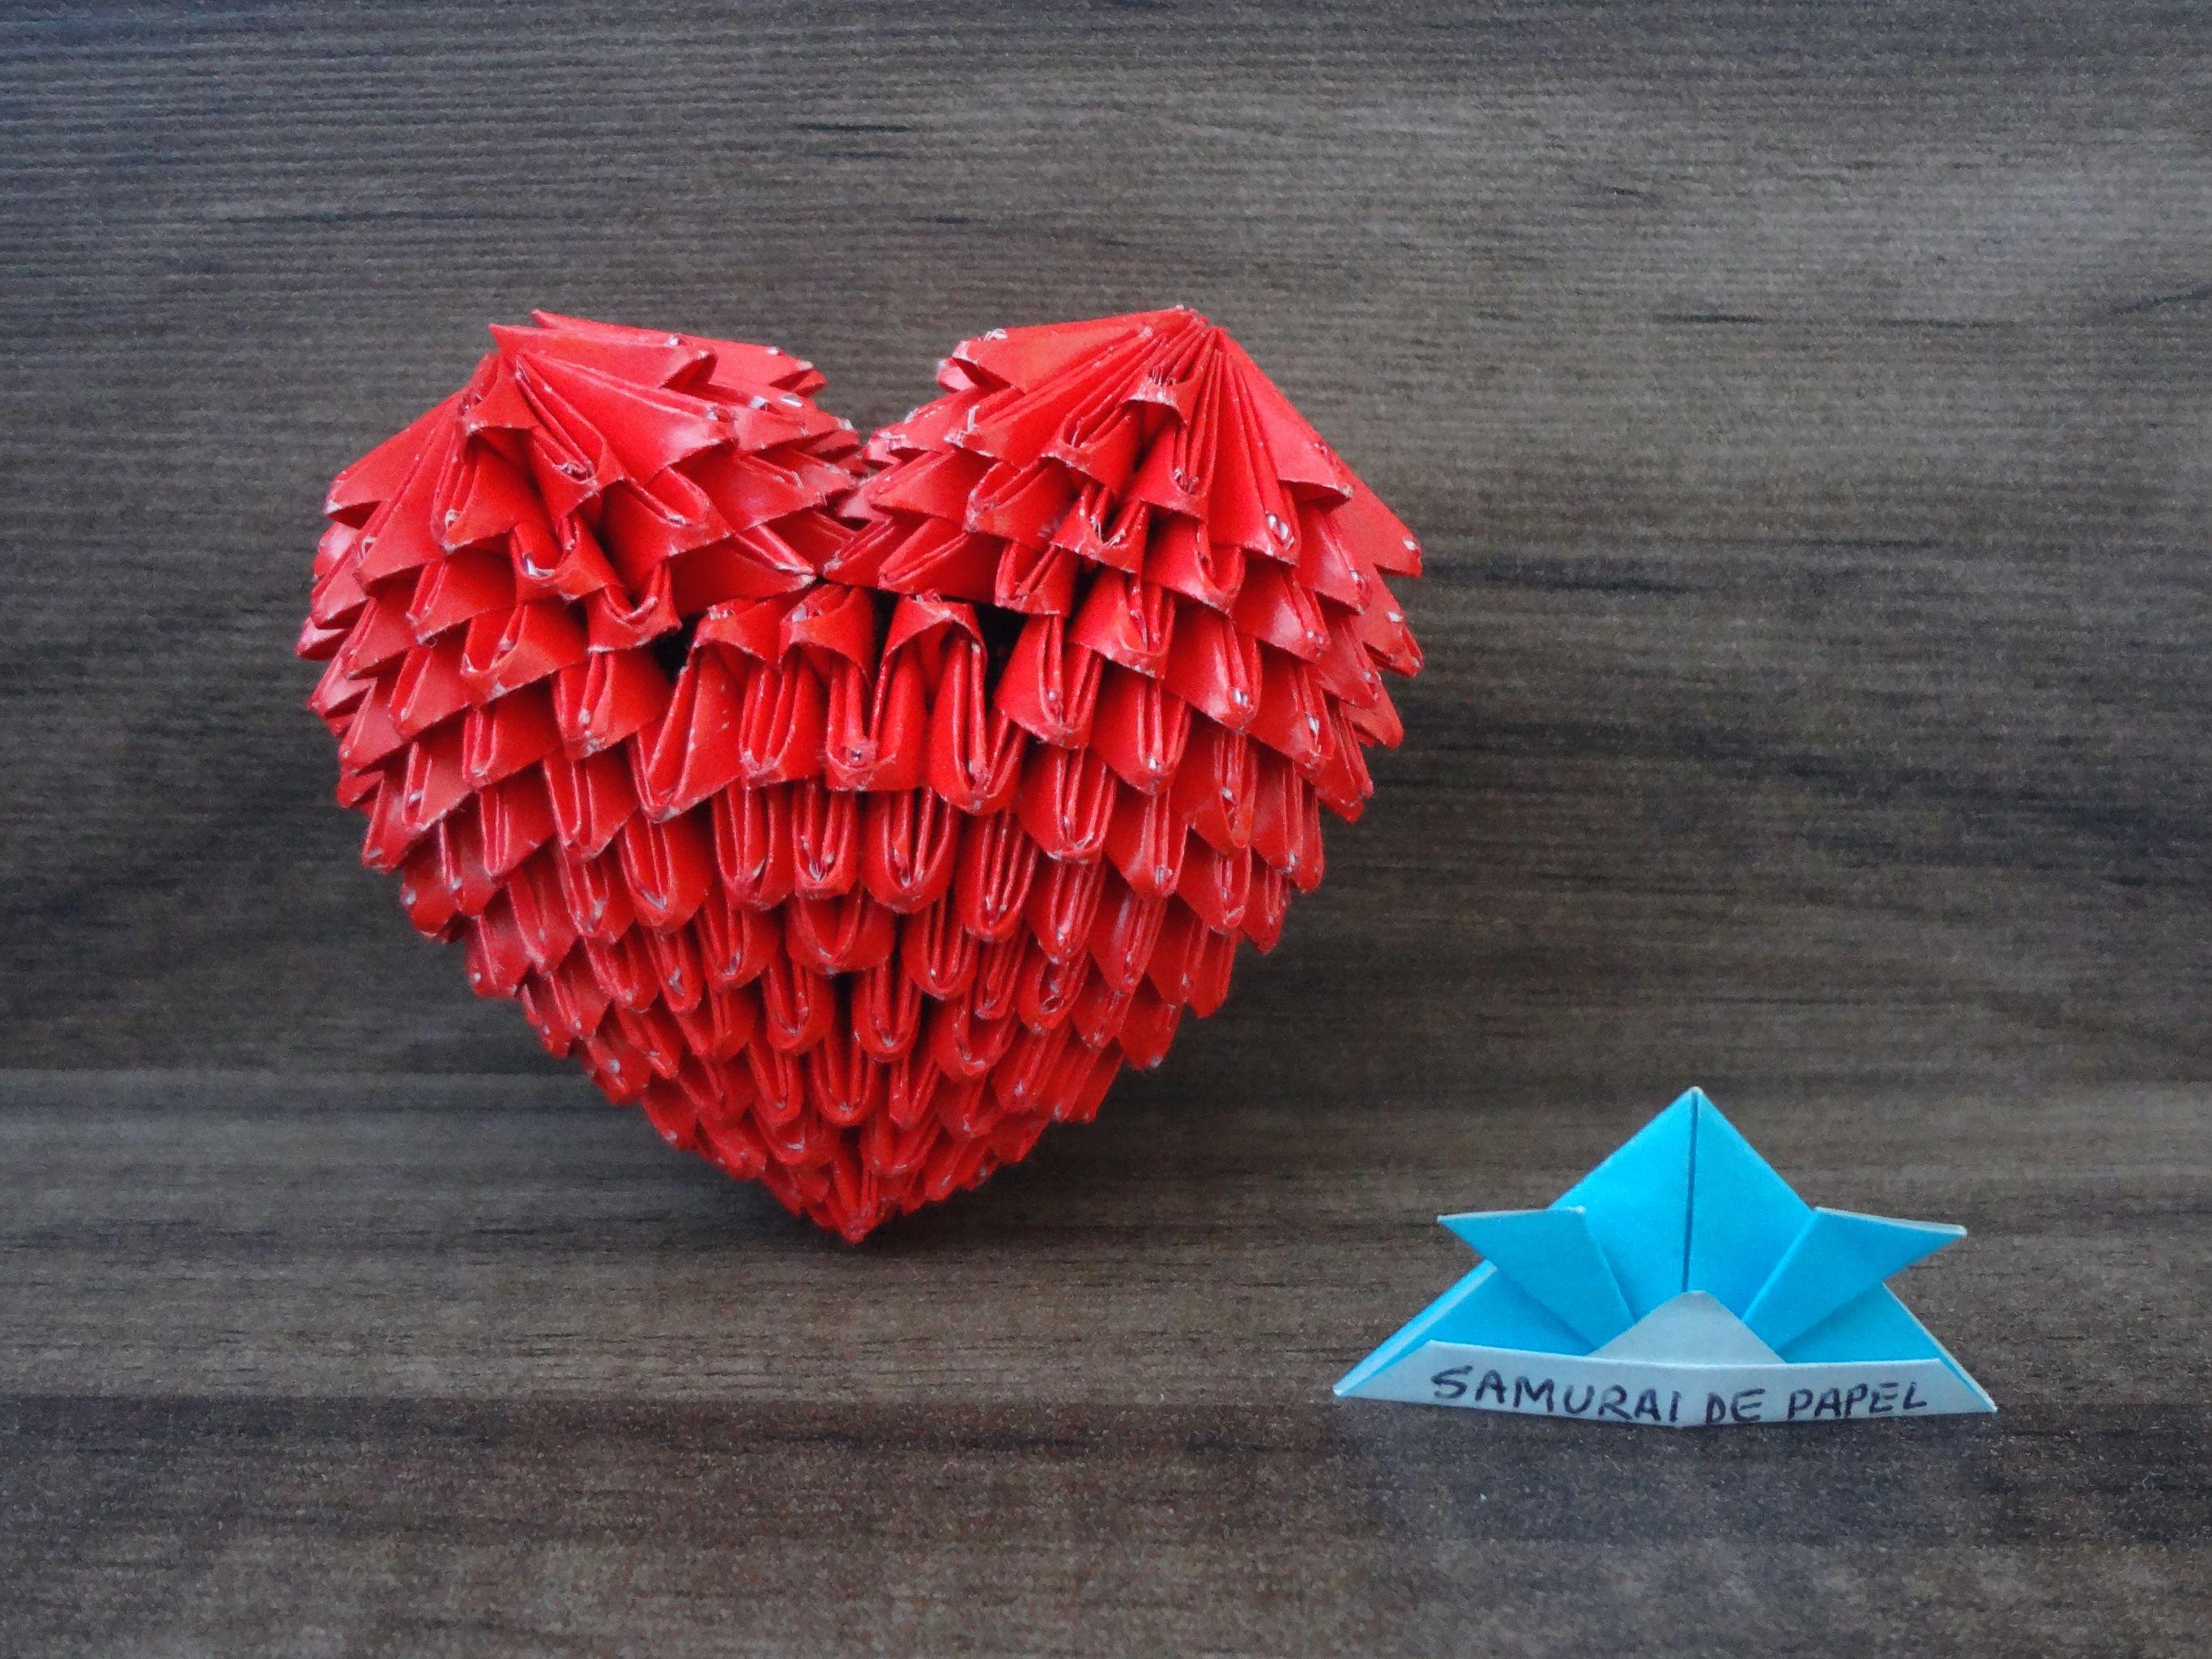 Origami 3D - Coração - Heart | Samurai de Papel ... - photo#12